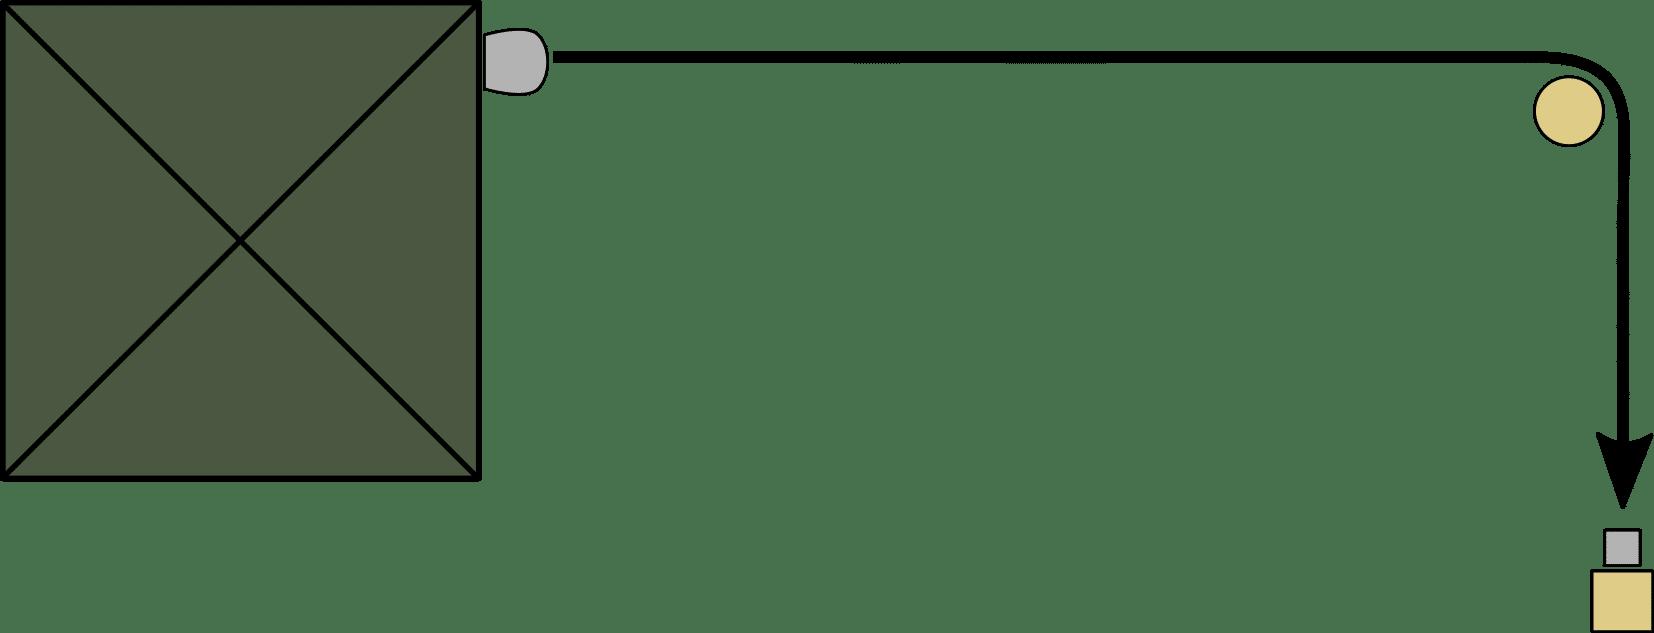 Seitenmarkise Eck-Lösung - Montage DIY-Lösung